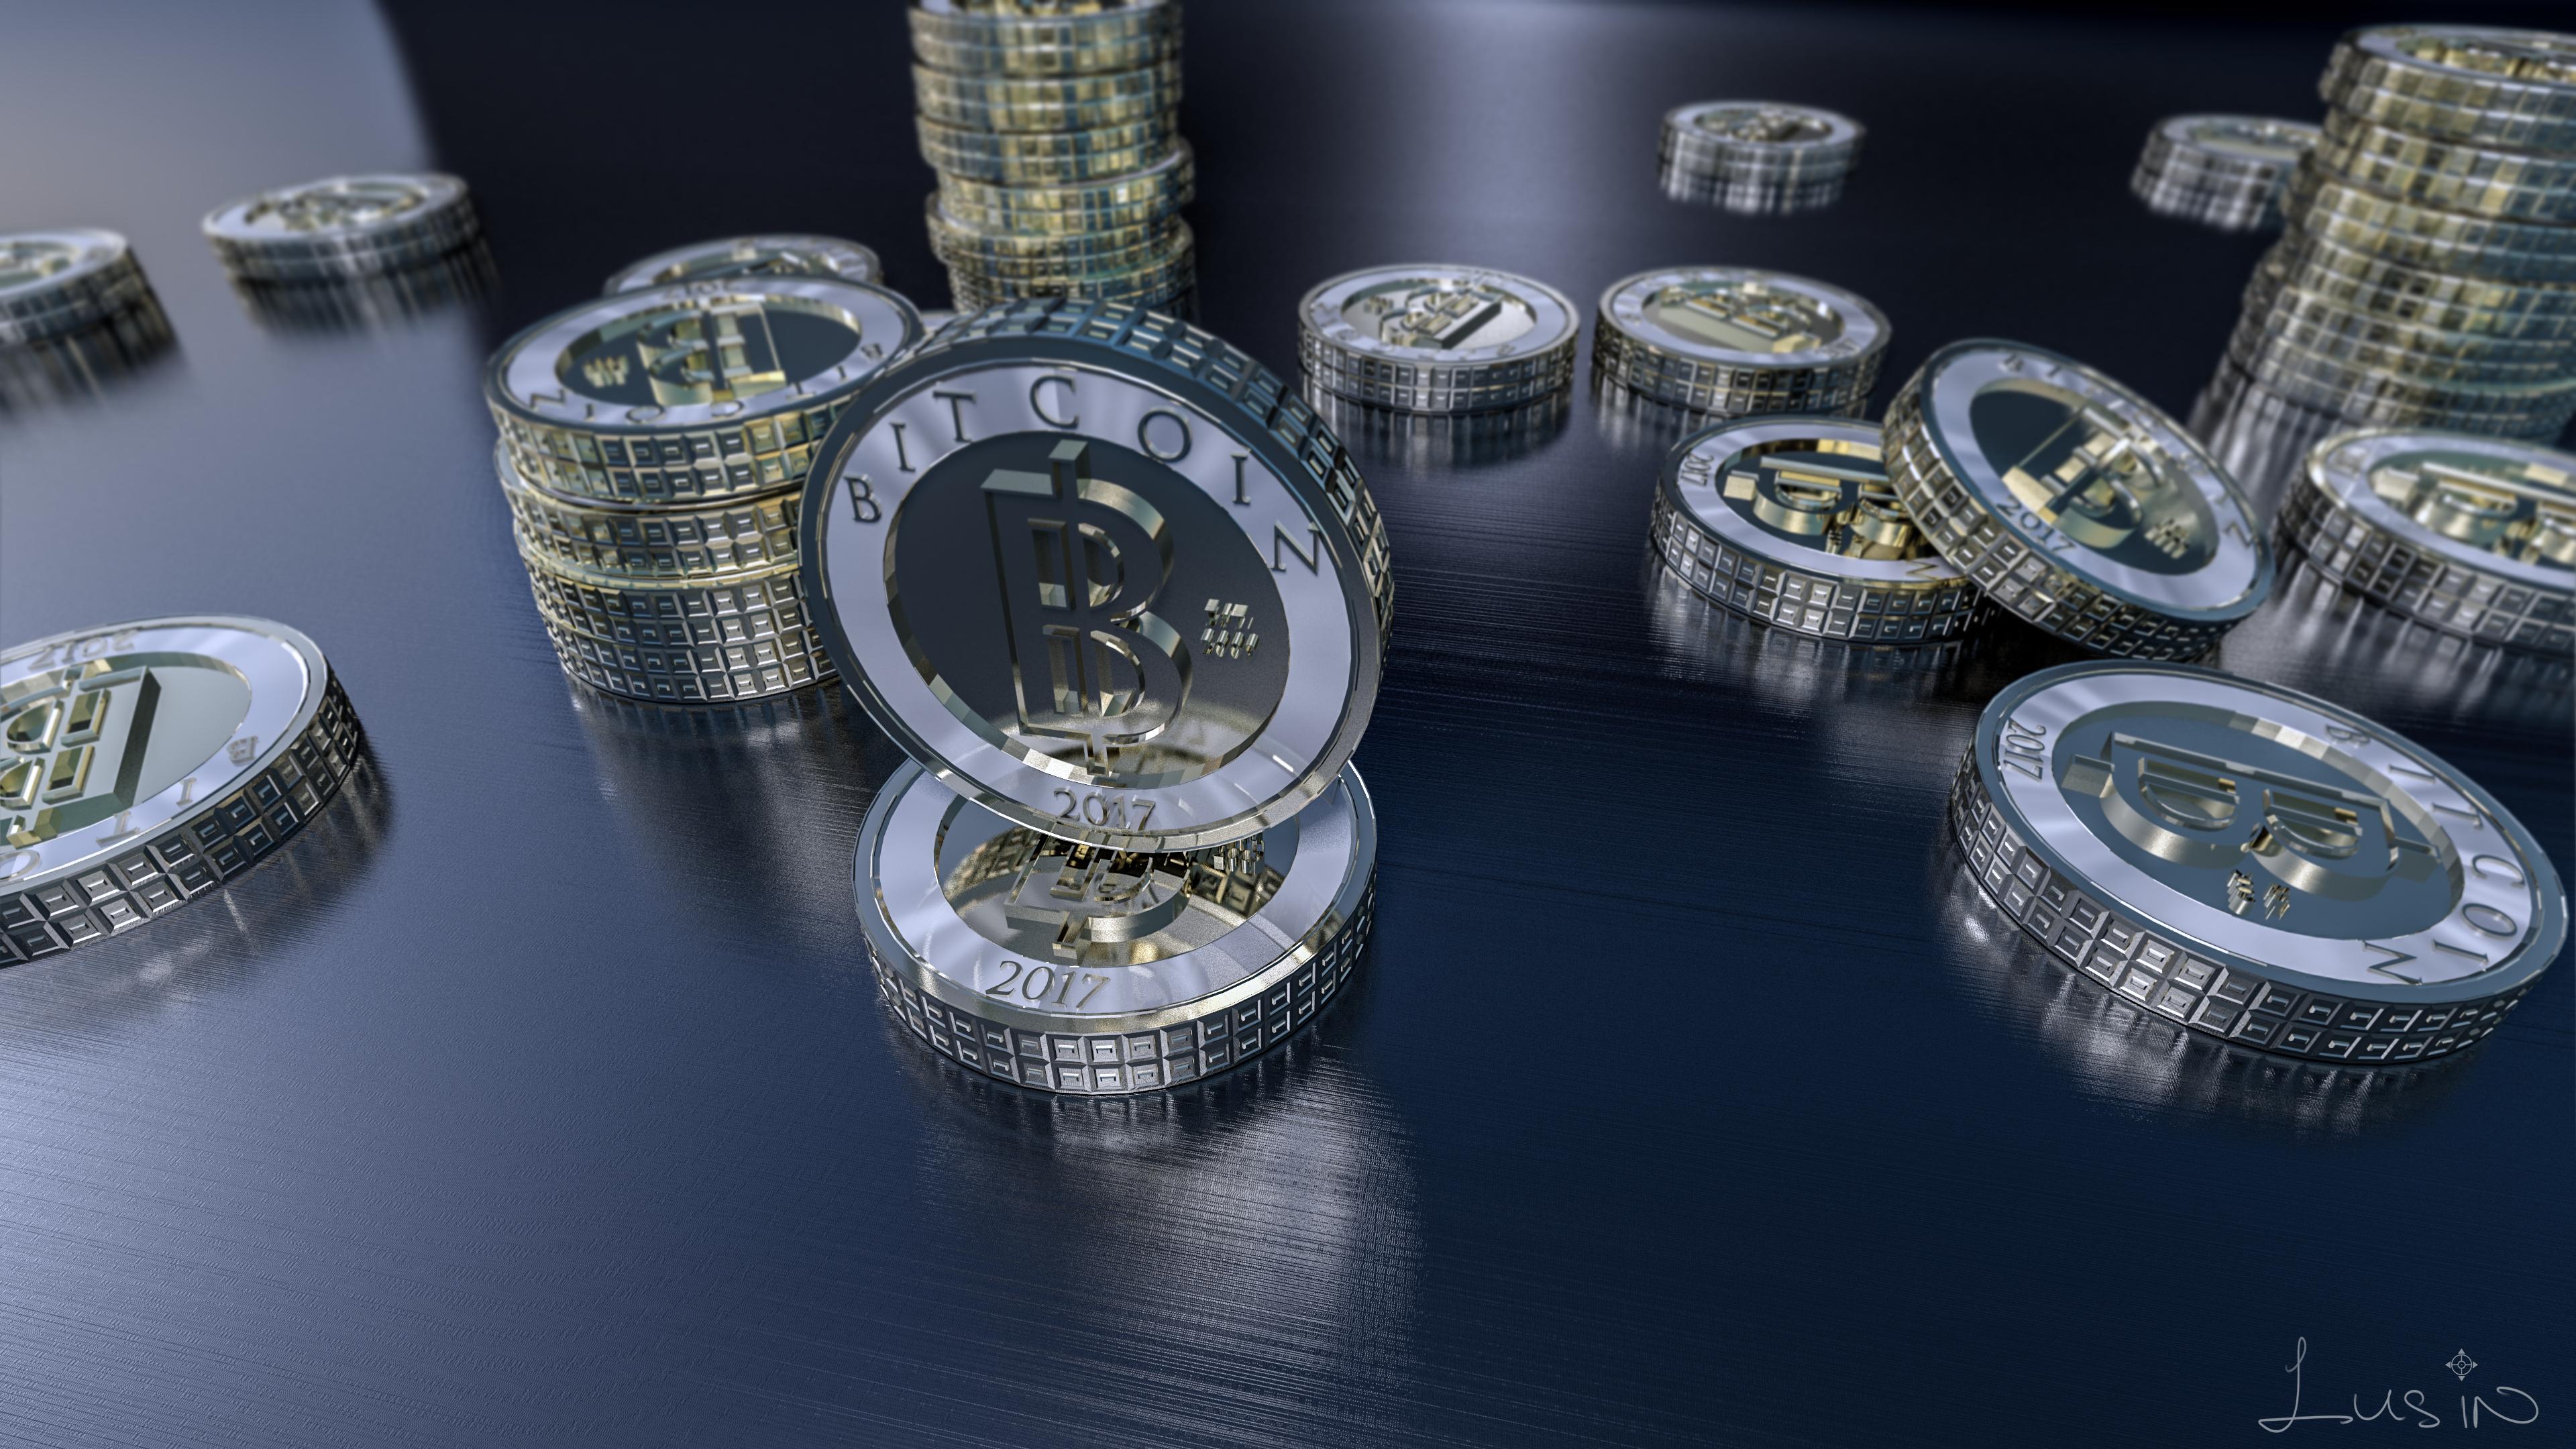 3D Bitcoin Wallpaper